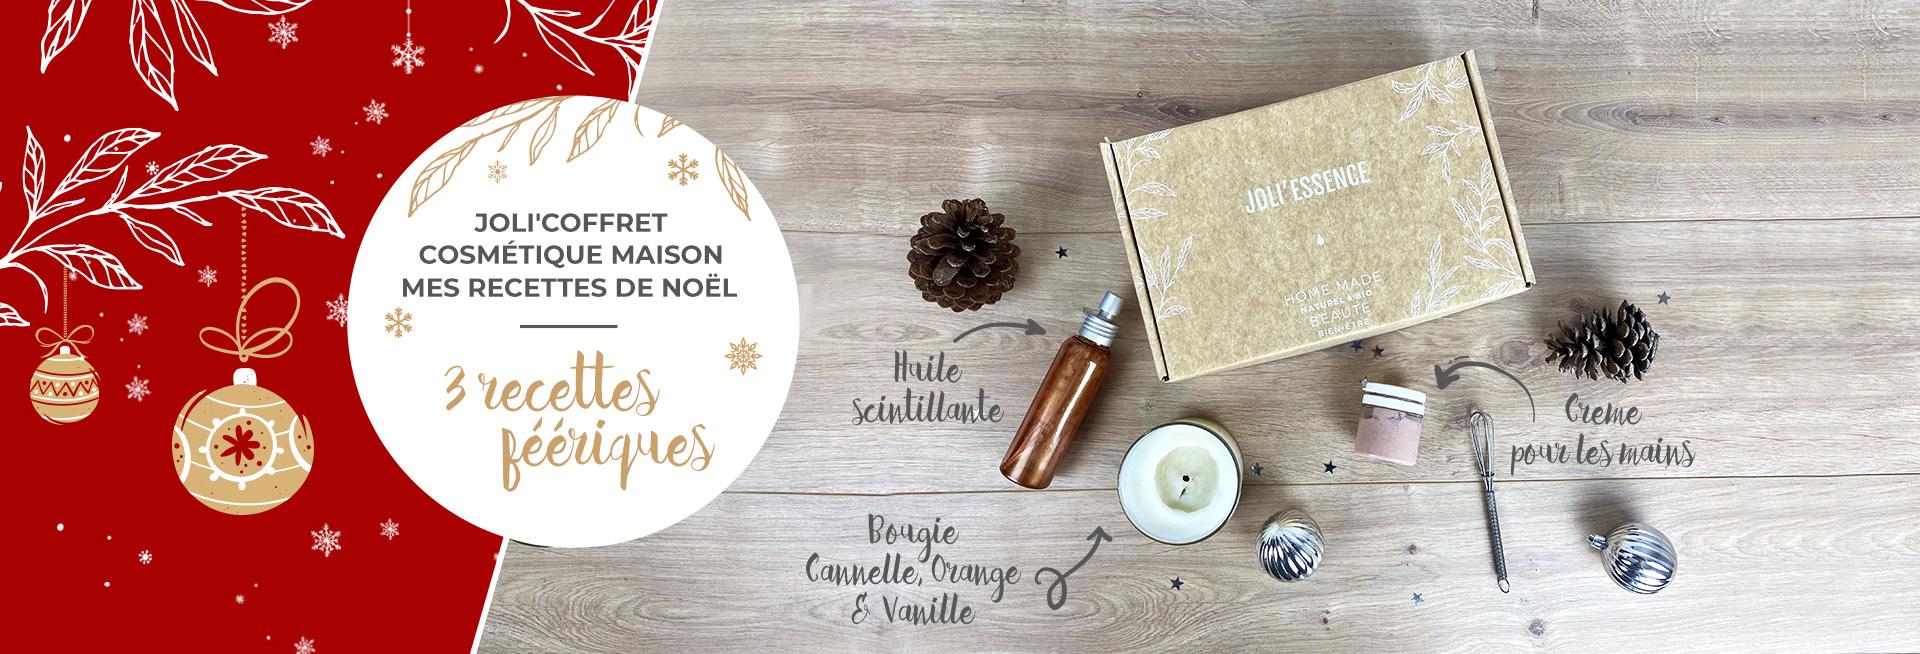 Coffret de Noël - 3 recettes féériques